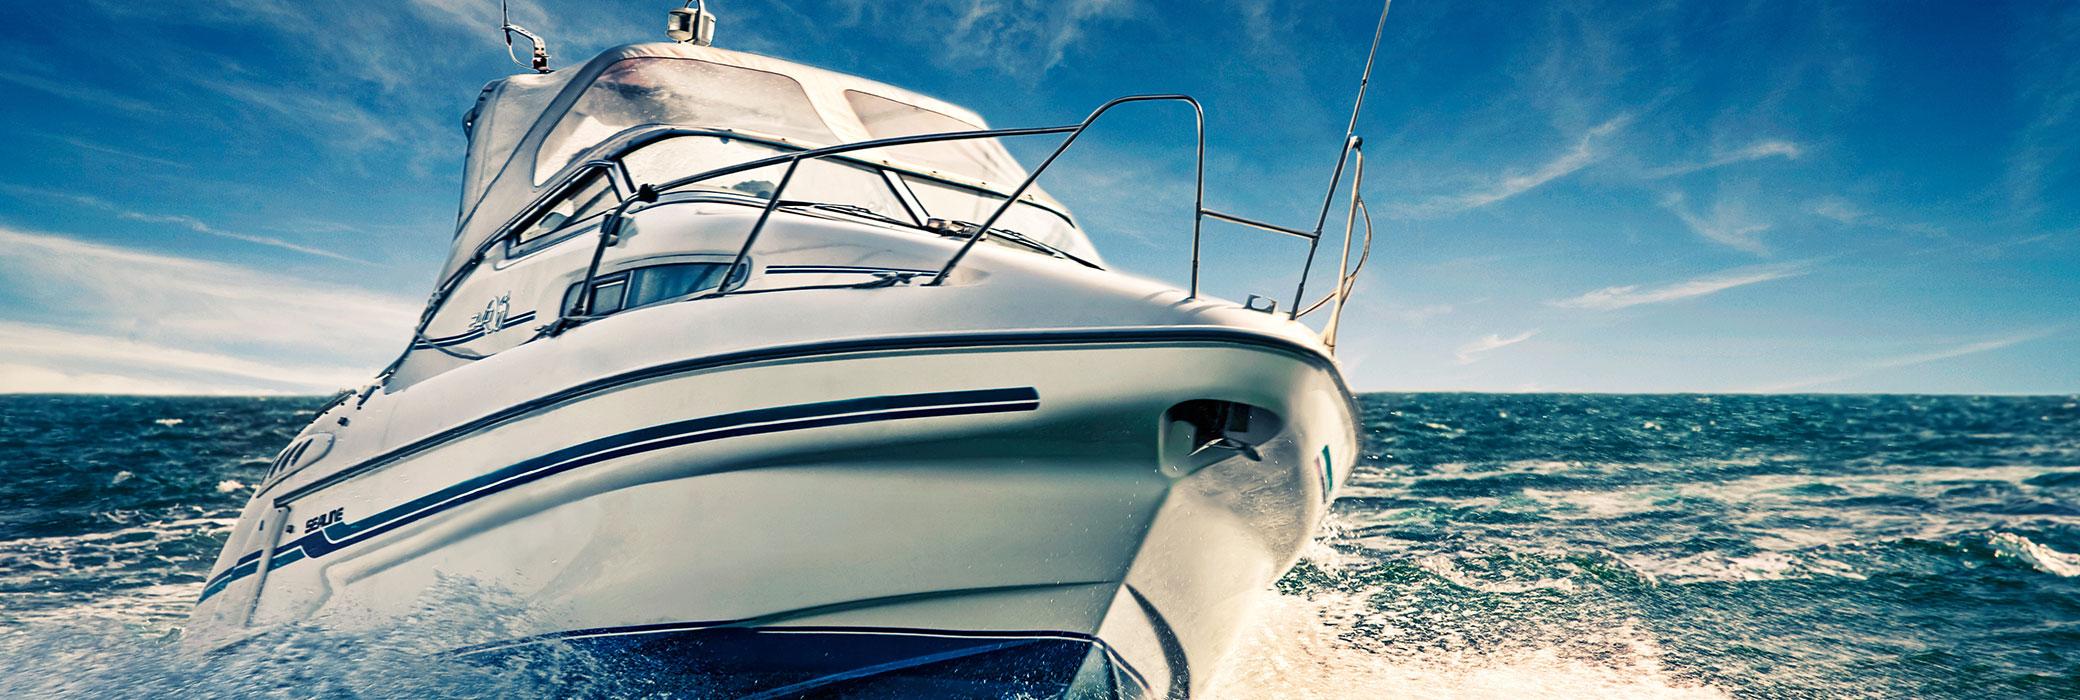 Ein Motorboot, das über das Wasser fährt